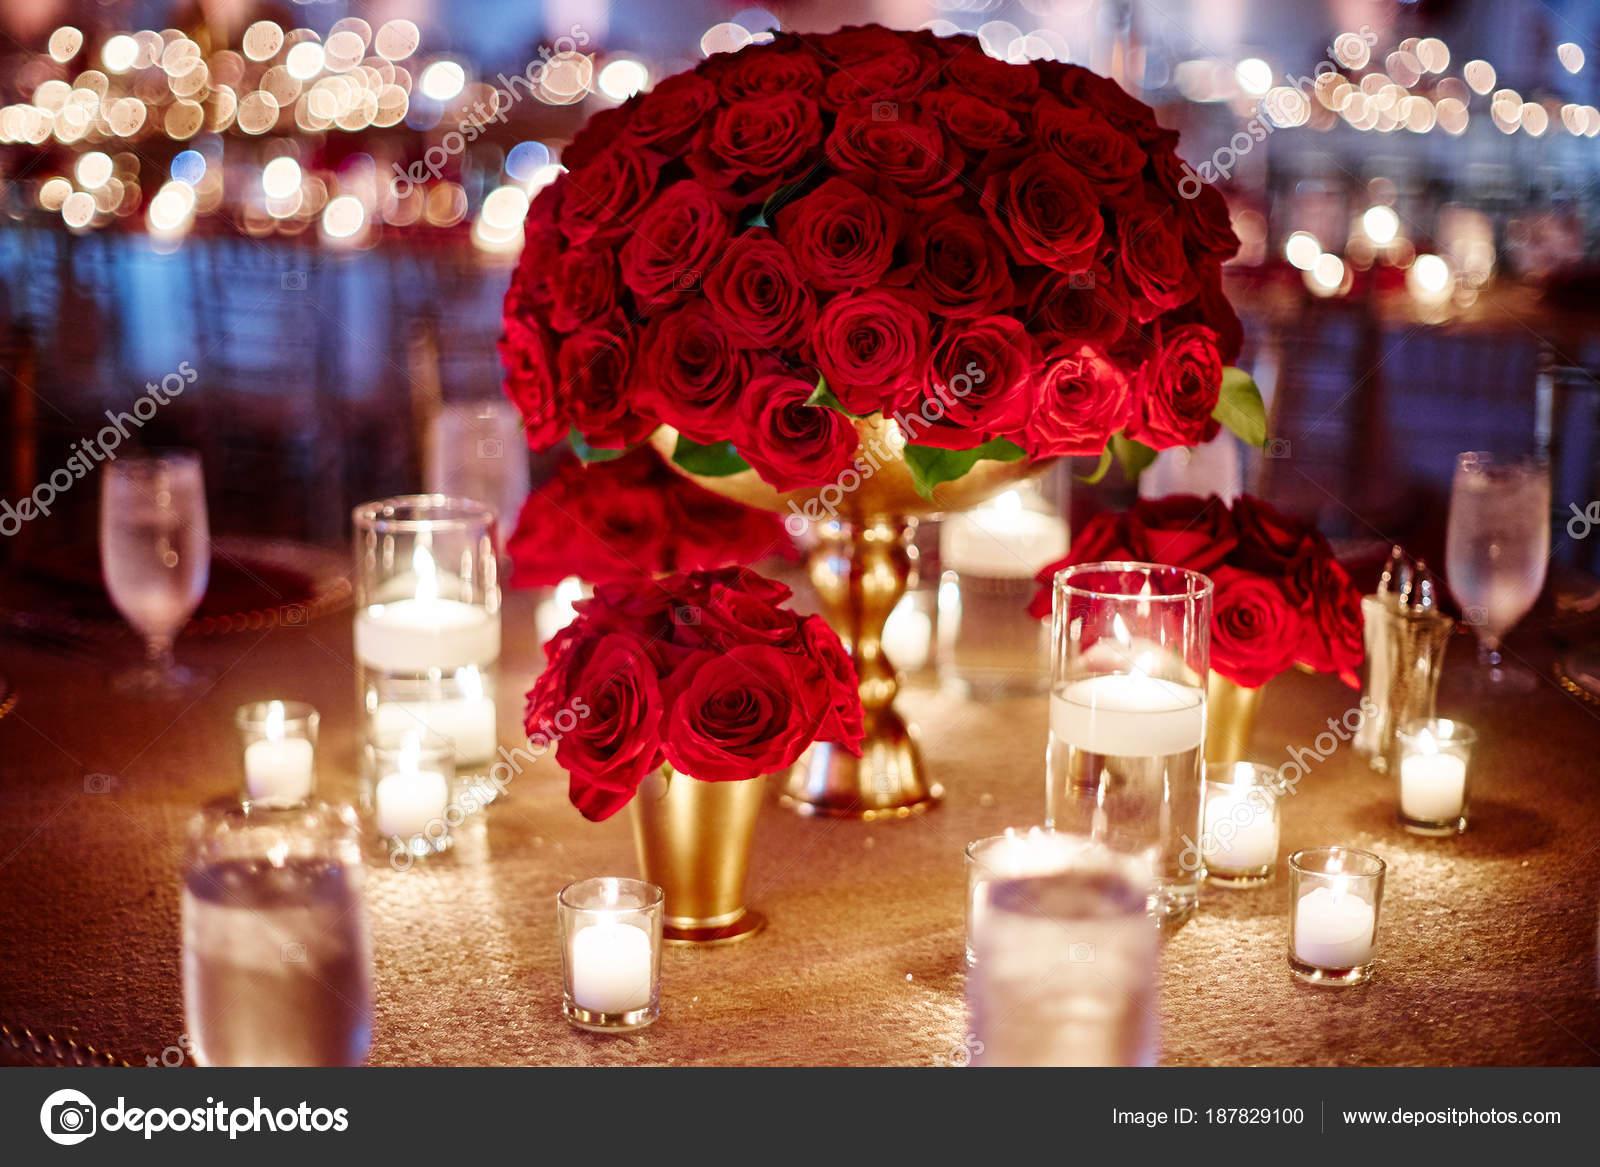 Hochzeit Tischdekoration Mit Einem Bundel Von Roten Rosen Und